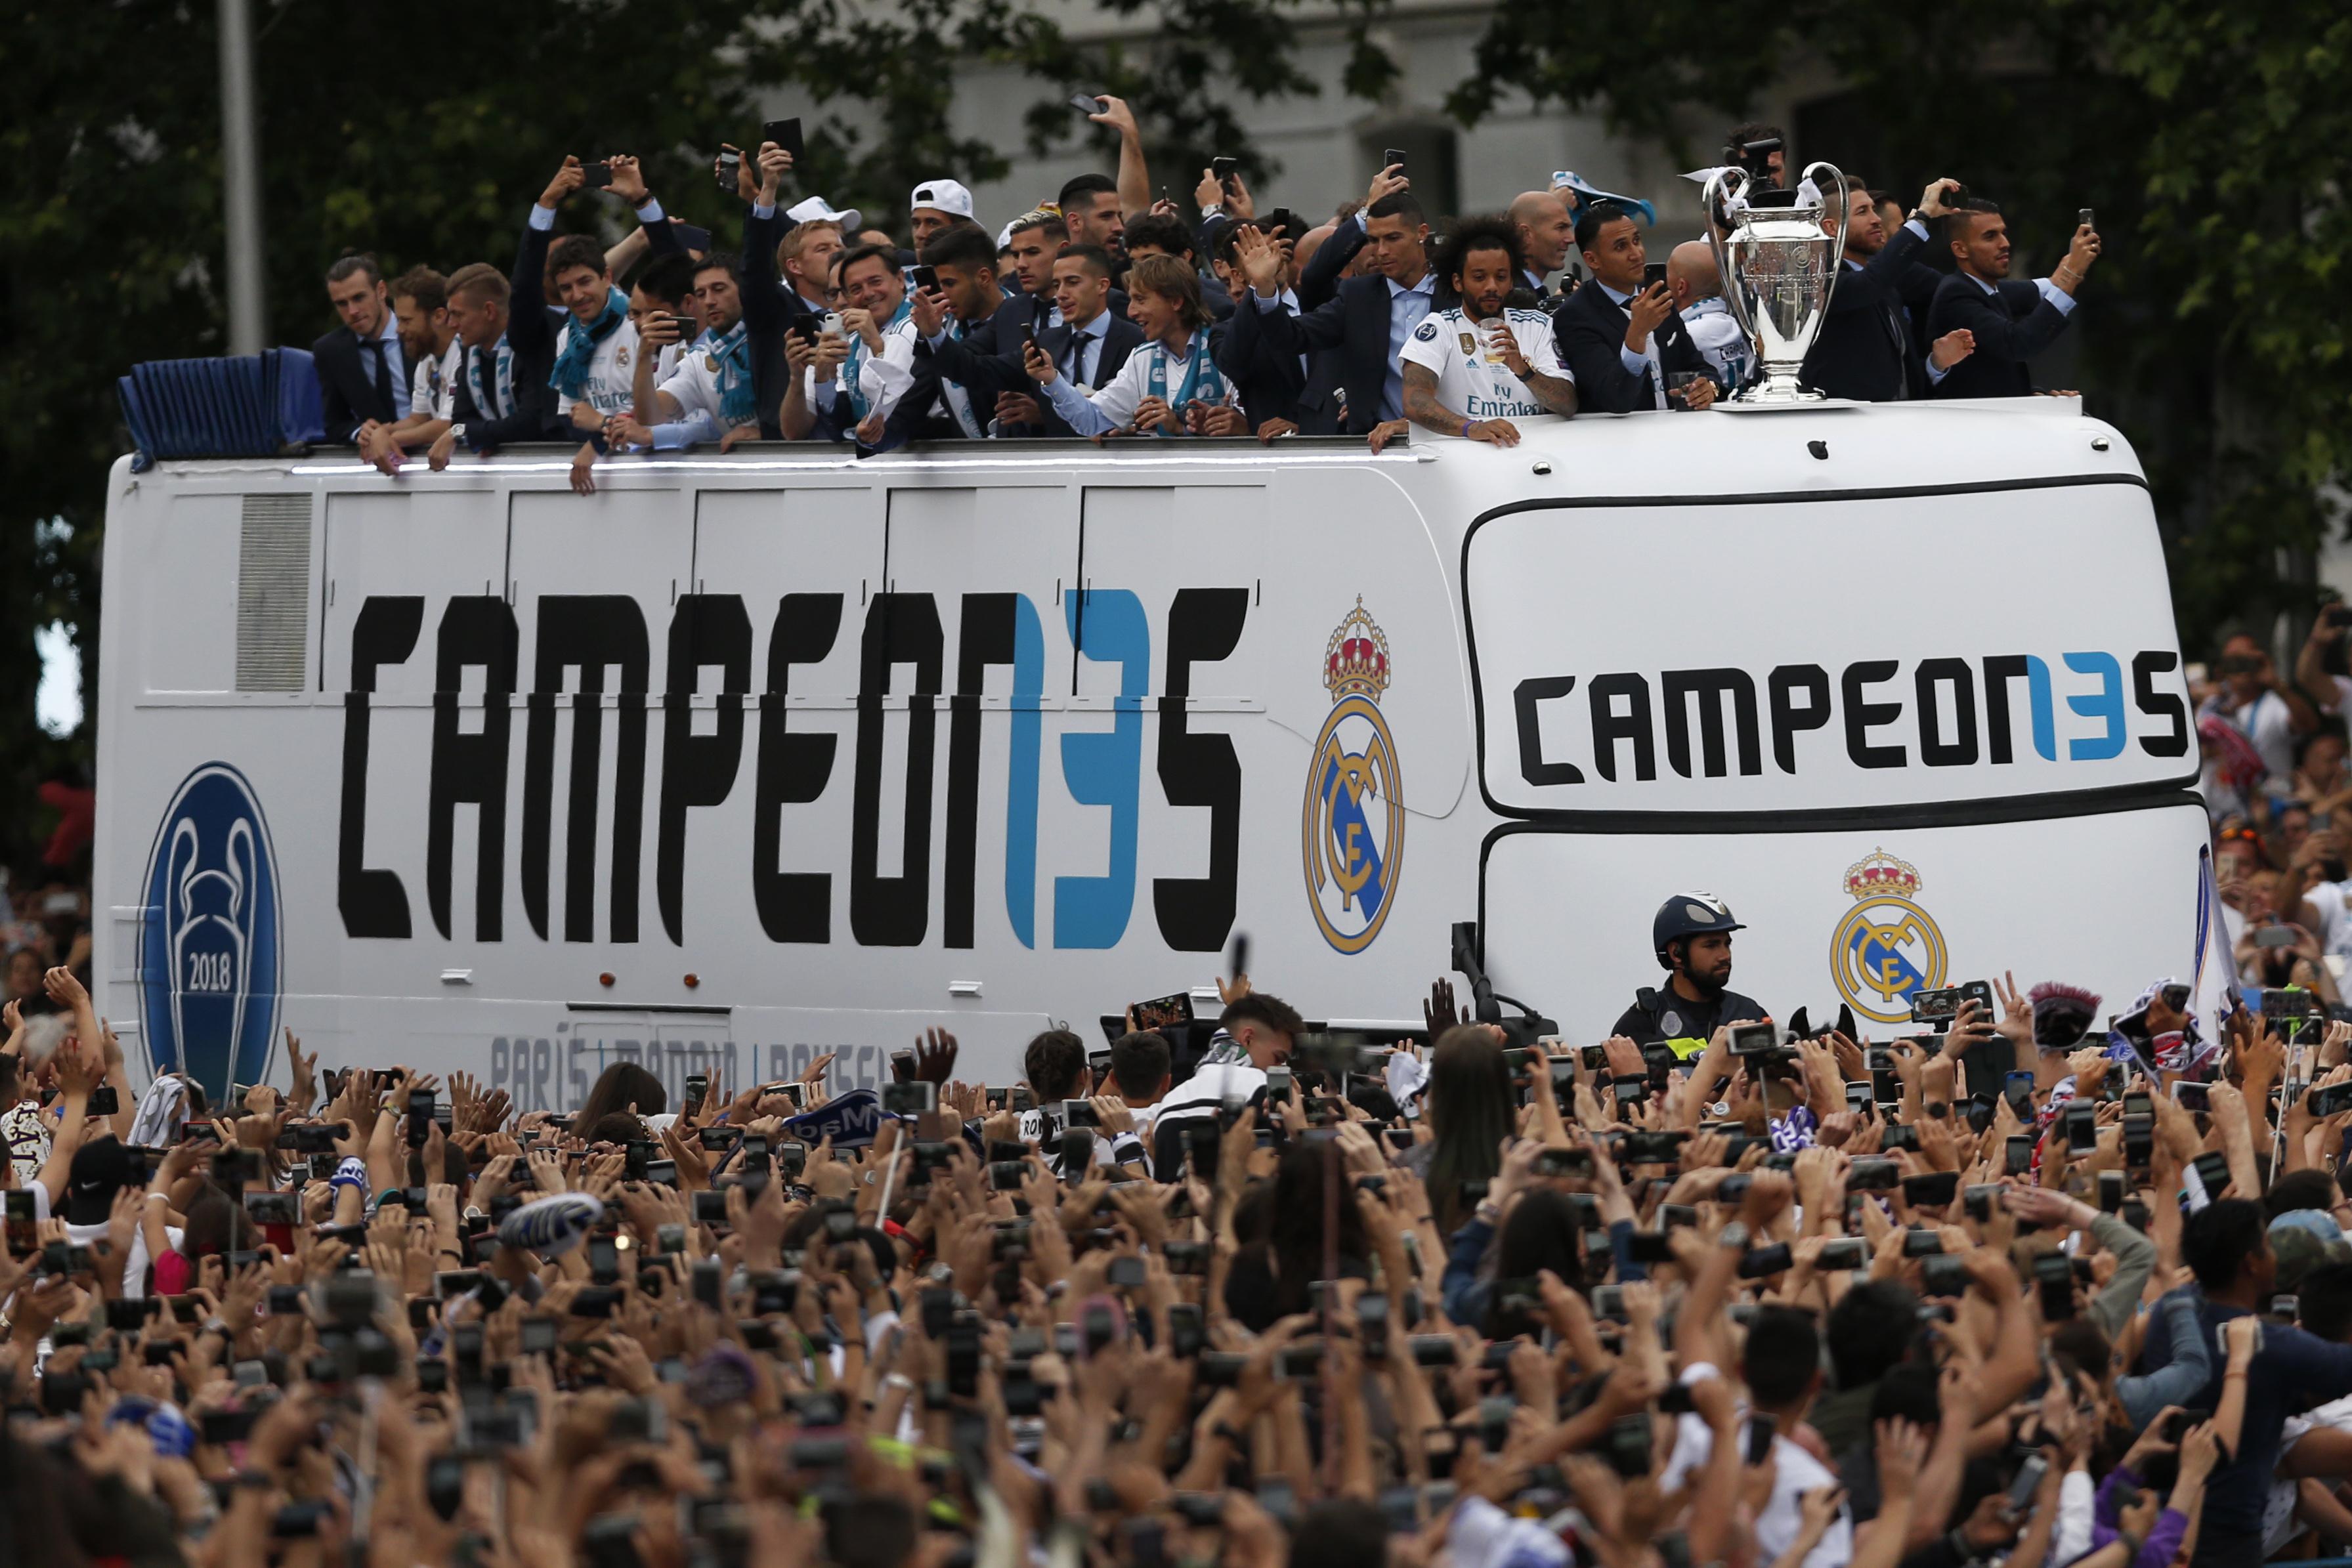 Spain Soccer Champions League Celebrations